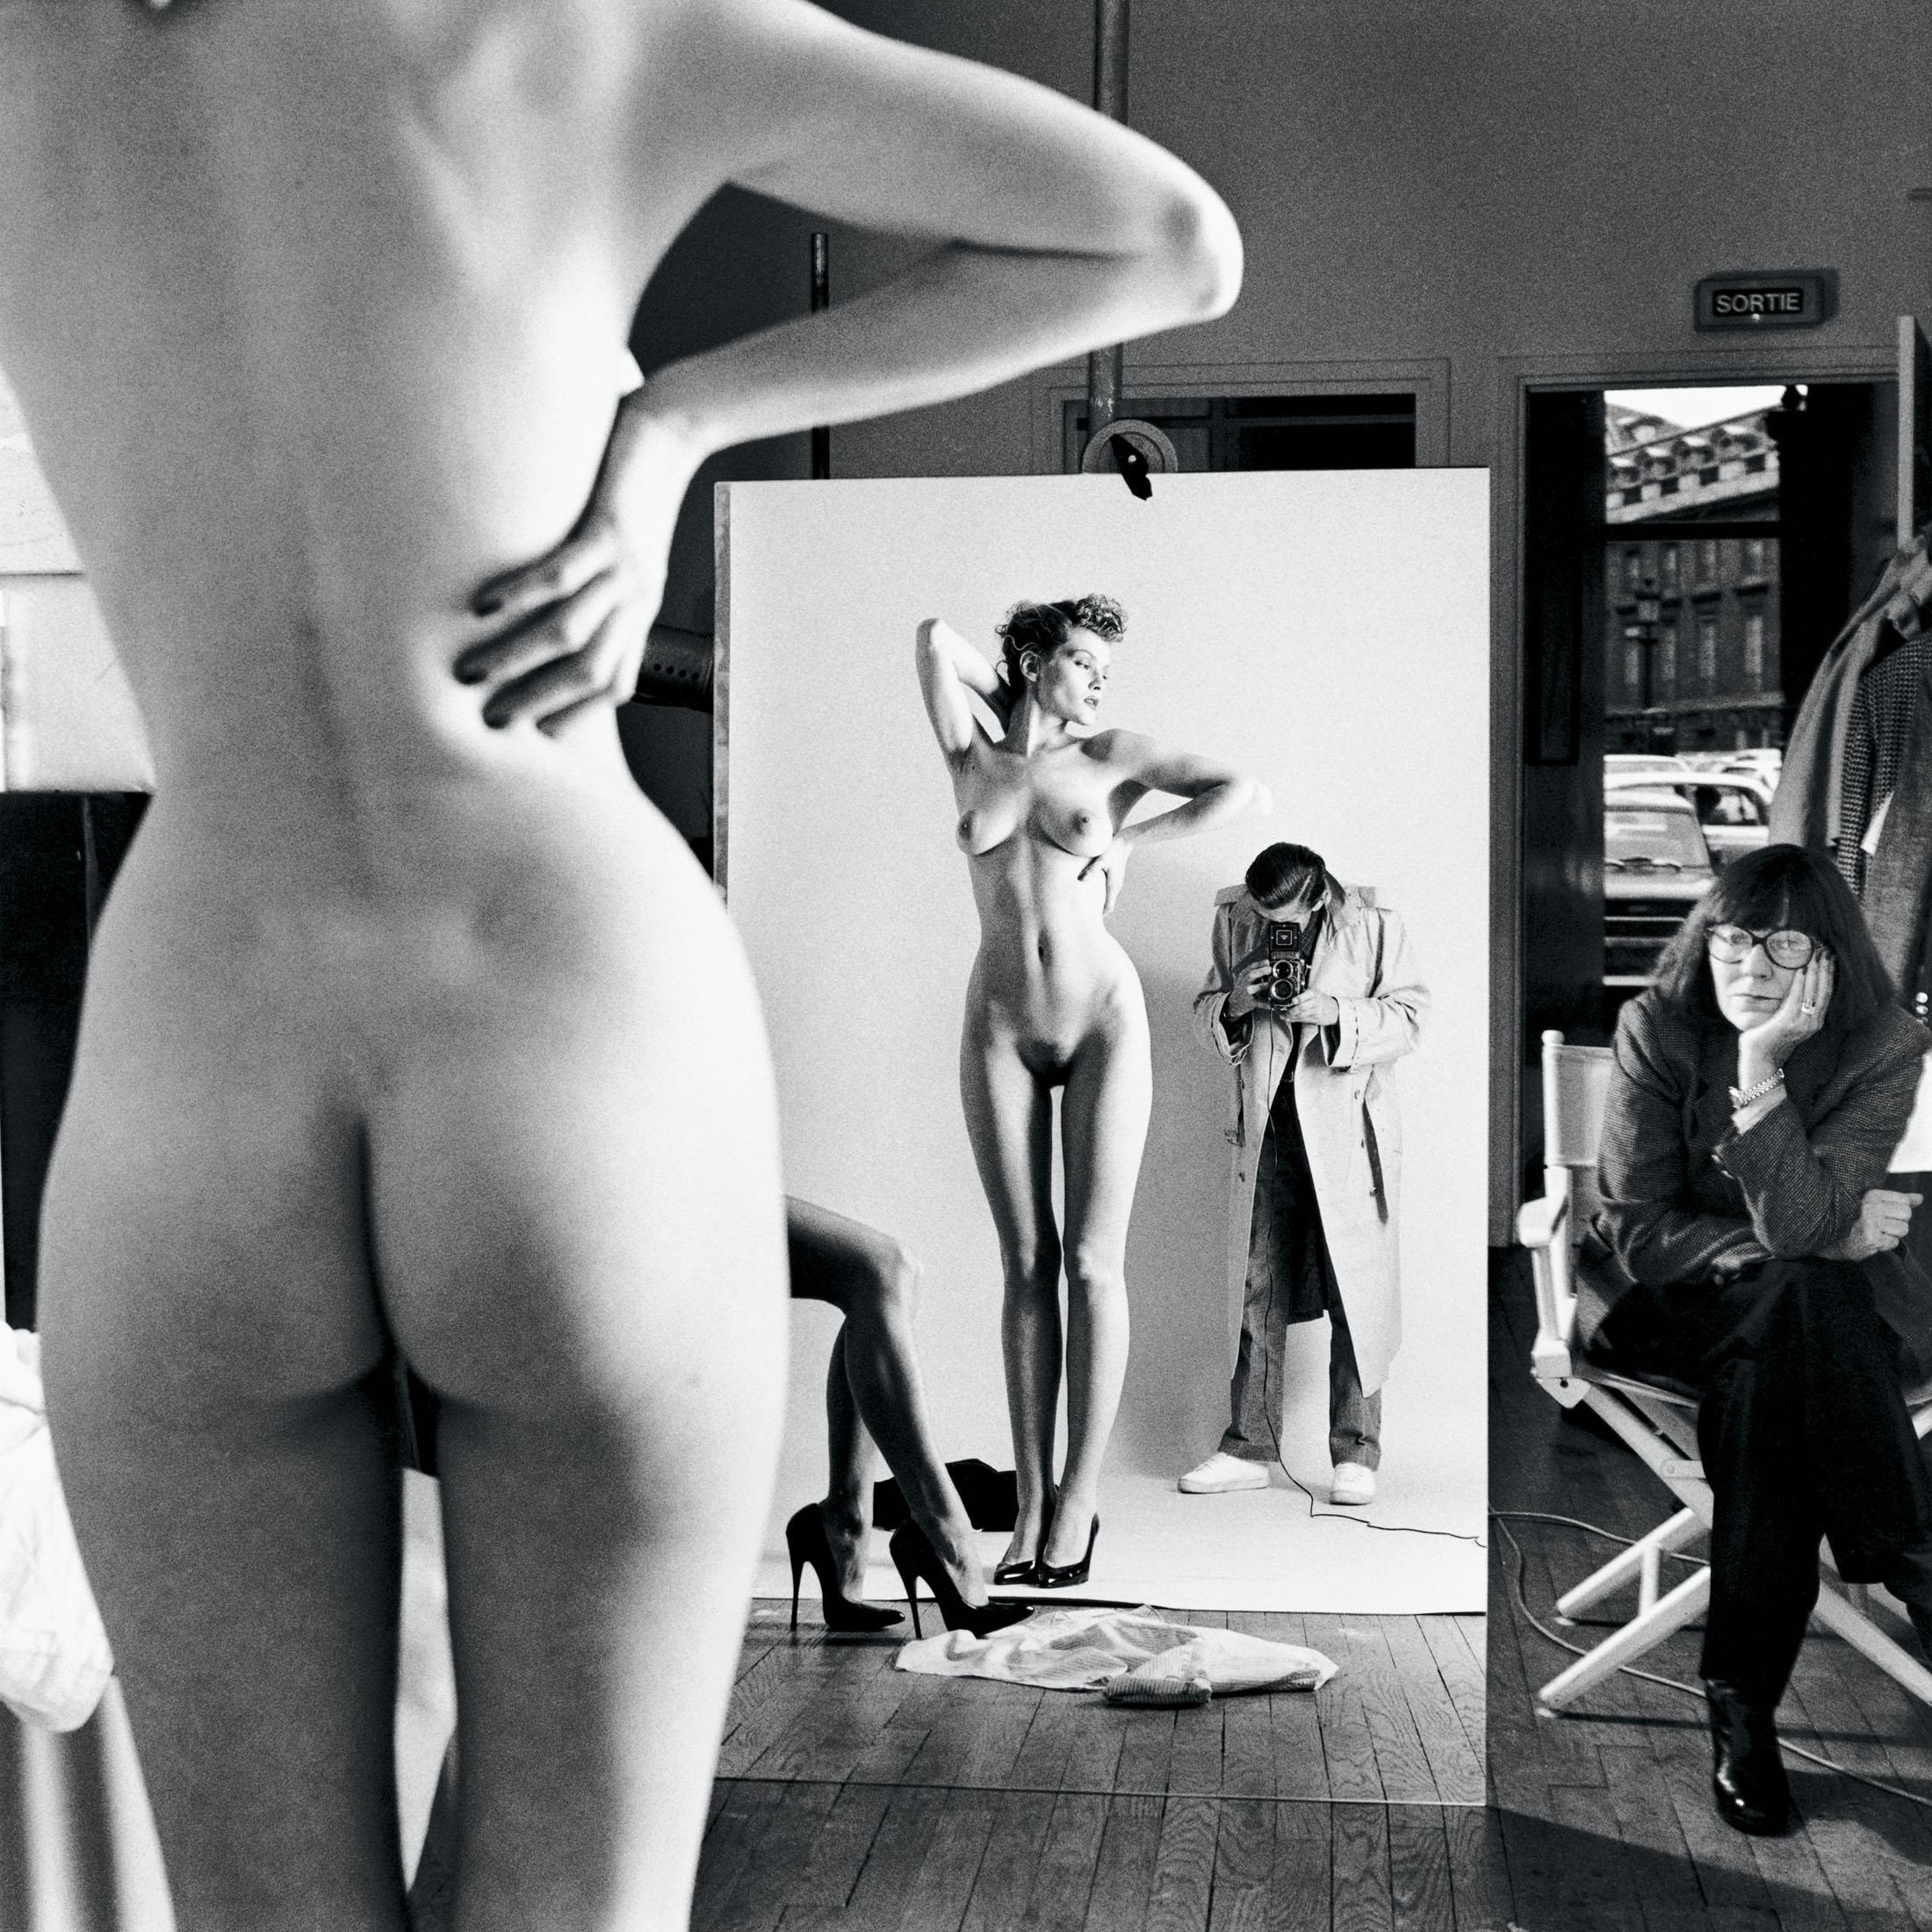 Self-Portrait with Wife and Models, Vogue Studio, Paris 1981 © Helmut Newton Estate